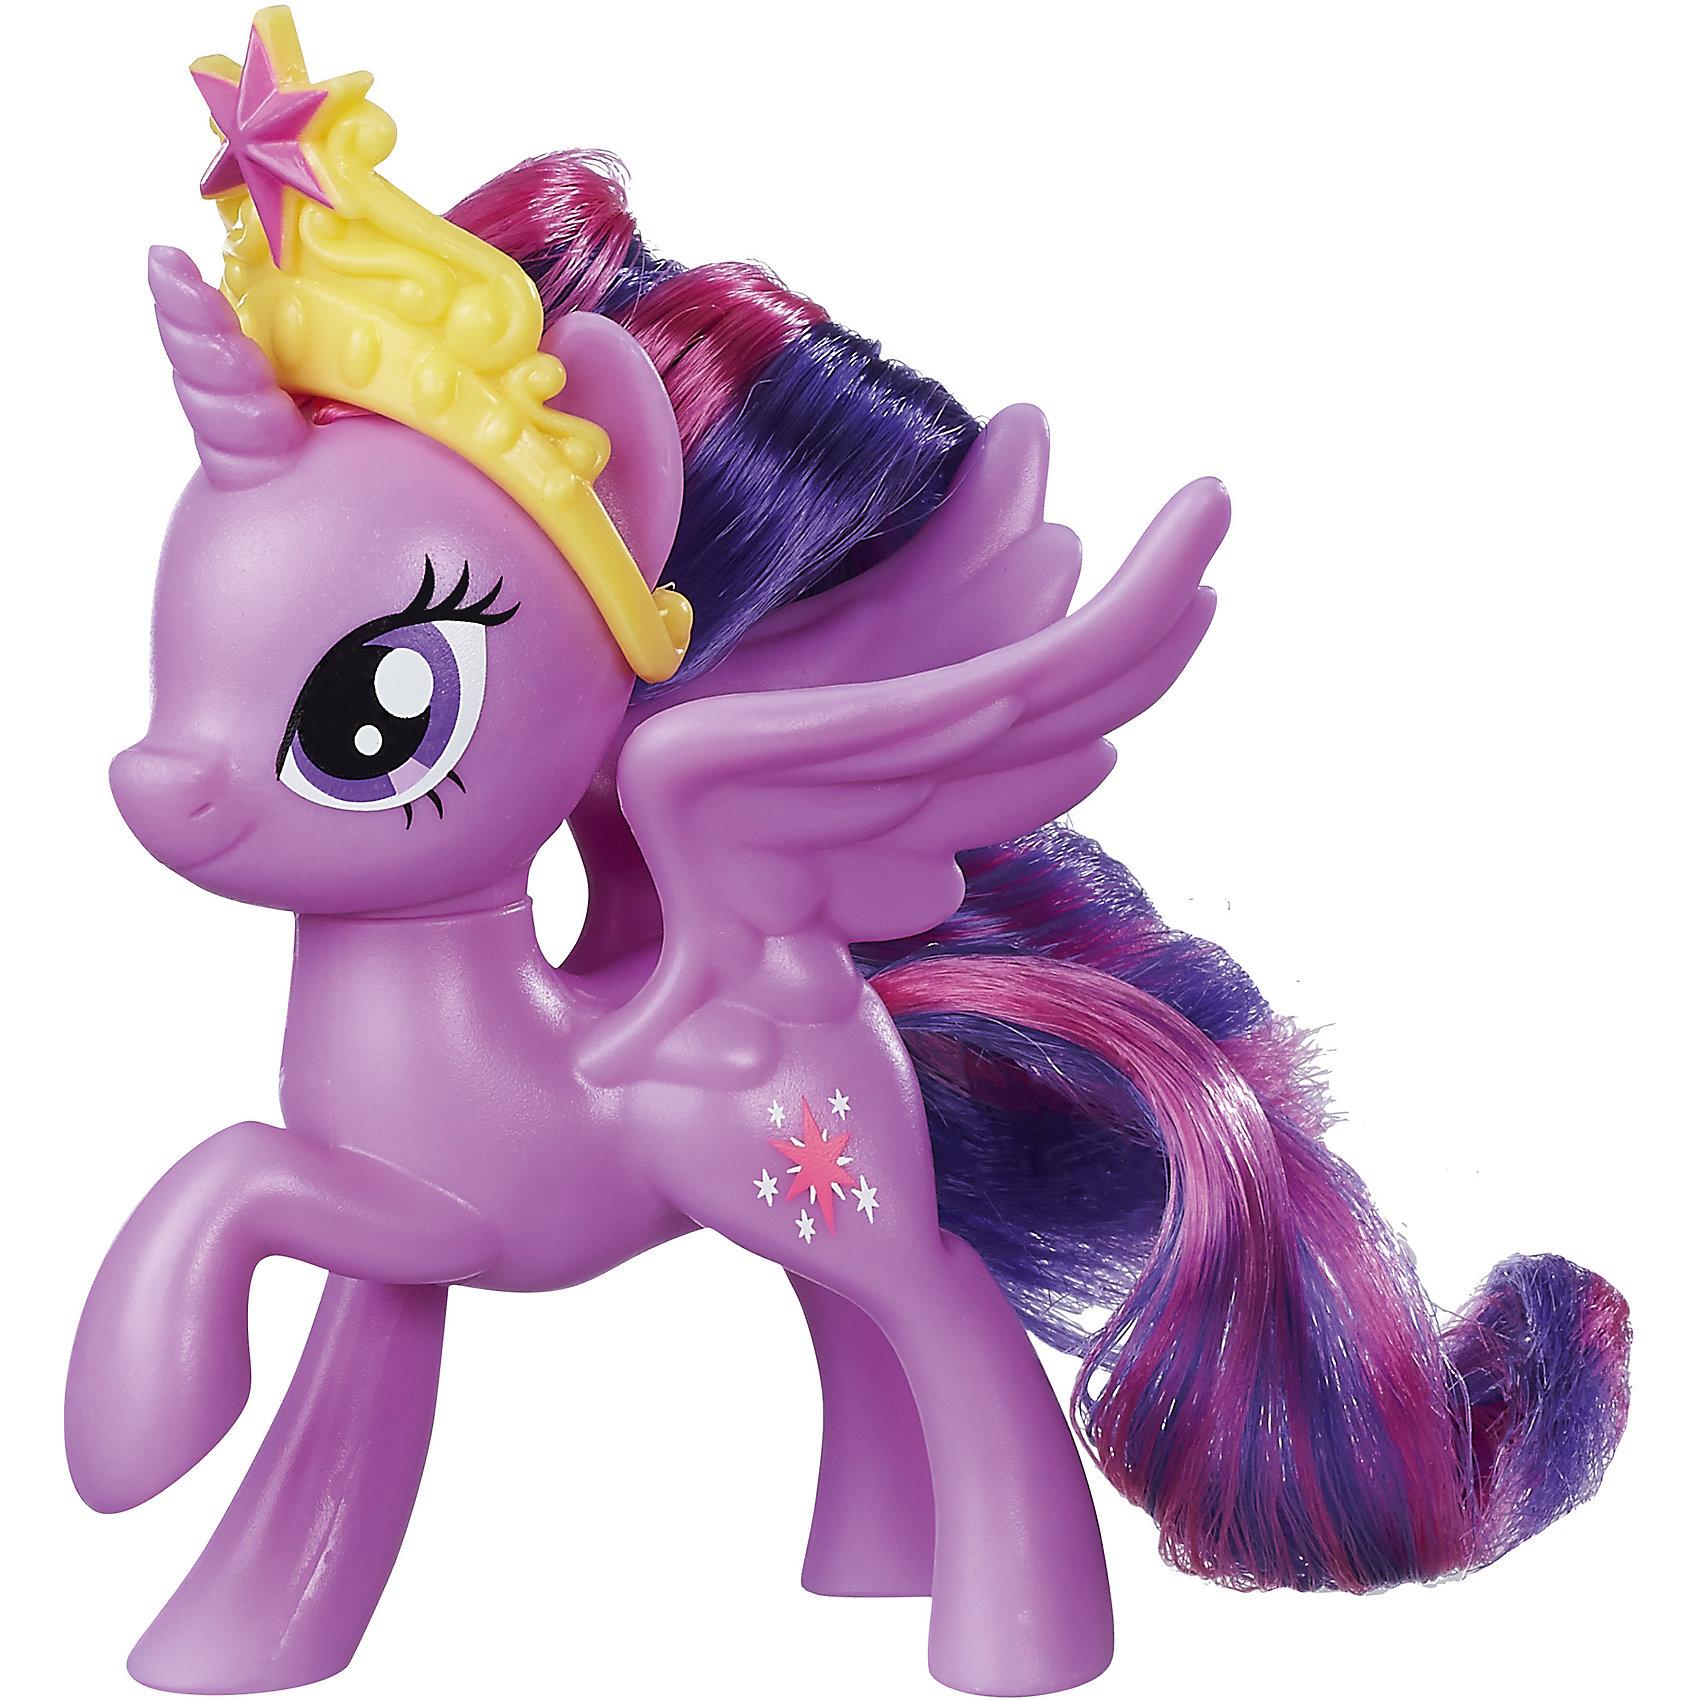 Пони-подружки, My little Pony, Twilight Sparkle